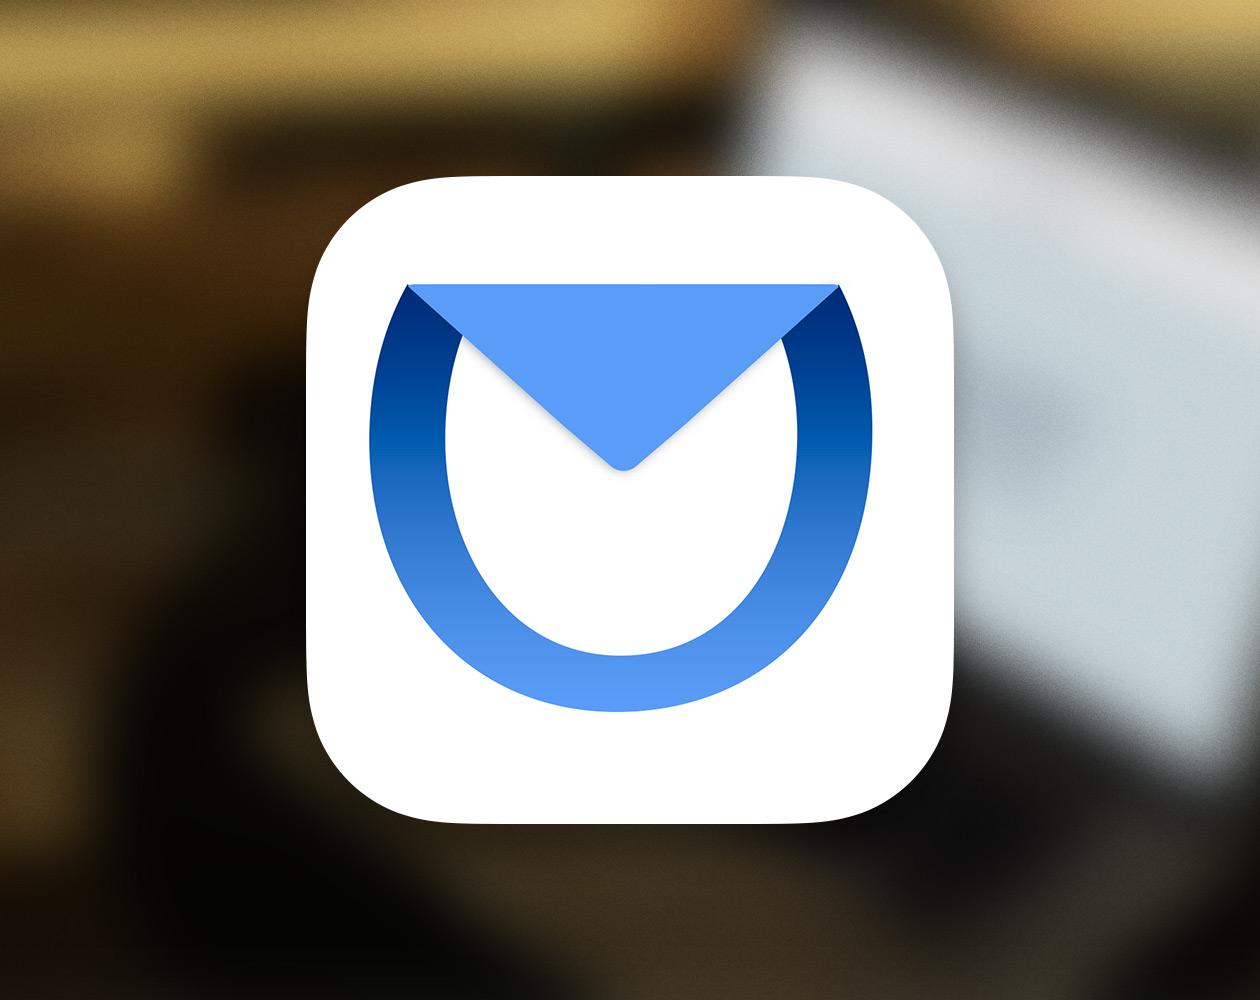 Zero для iOS — почтовый клиент Mailbox в другой обертке